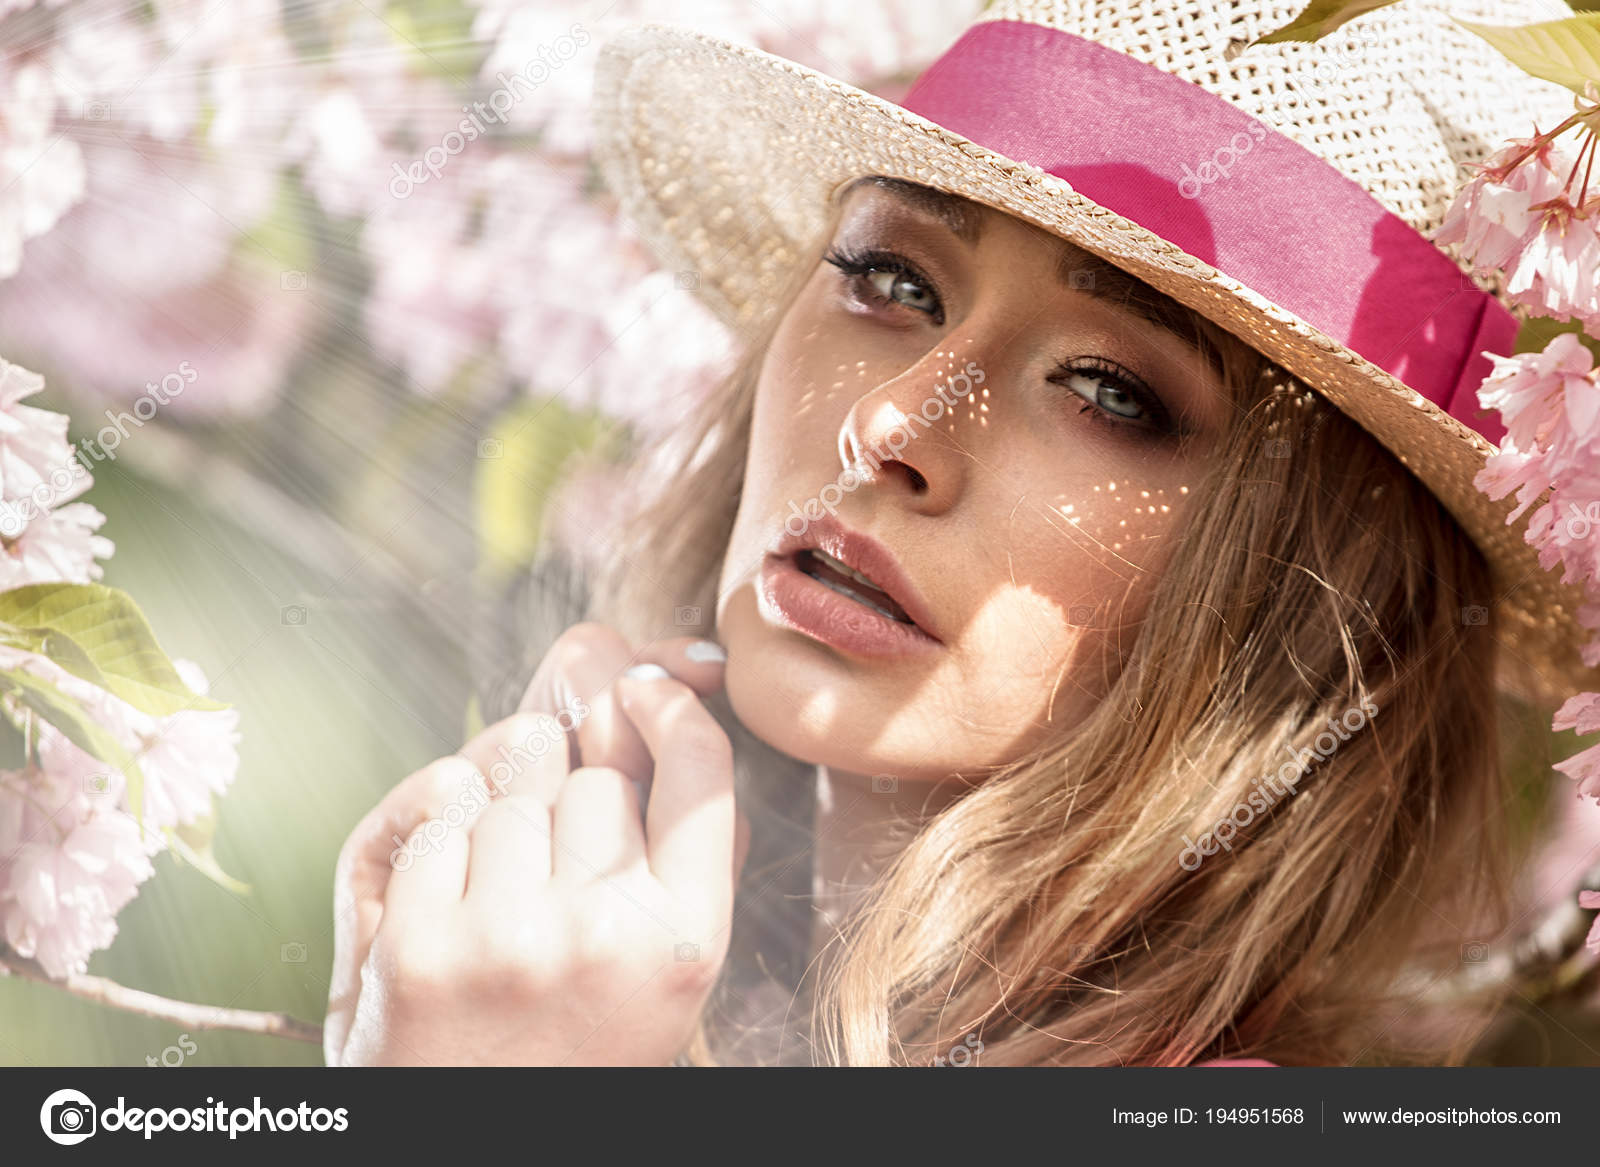 Bonita caucasiana loira atraente posando em Primavera flor flores  desabrochando jardim. Dia de sol. Menina com chapéu elegante na cabeça. 5407b1f7897